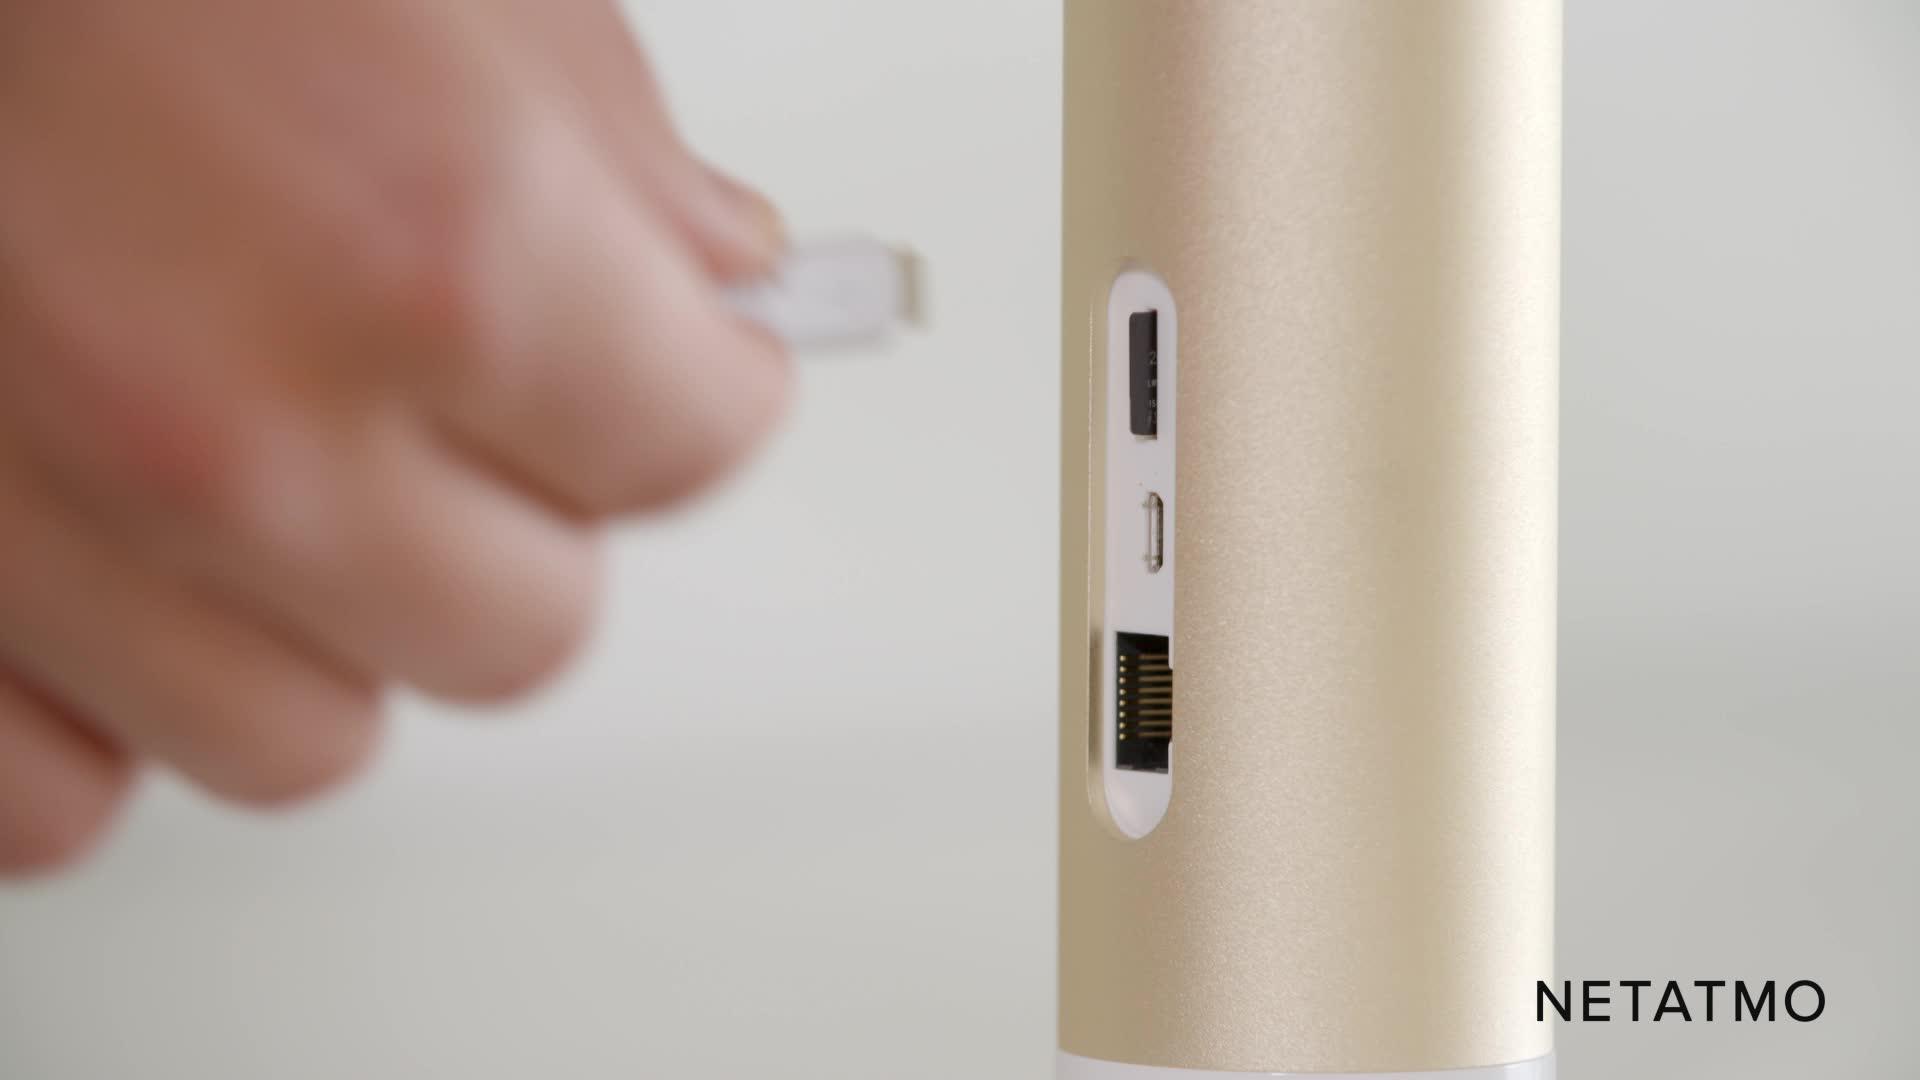 Netatmo Smarte Überwachungskamera Innen Wlan Bewegungserkennung Nachtsicht Ohne Abonnement Nsc01 Eu Welcome Baumarkt